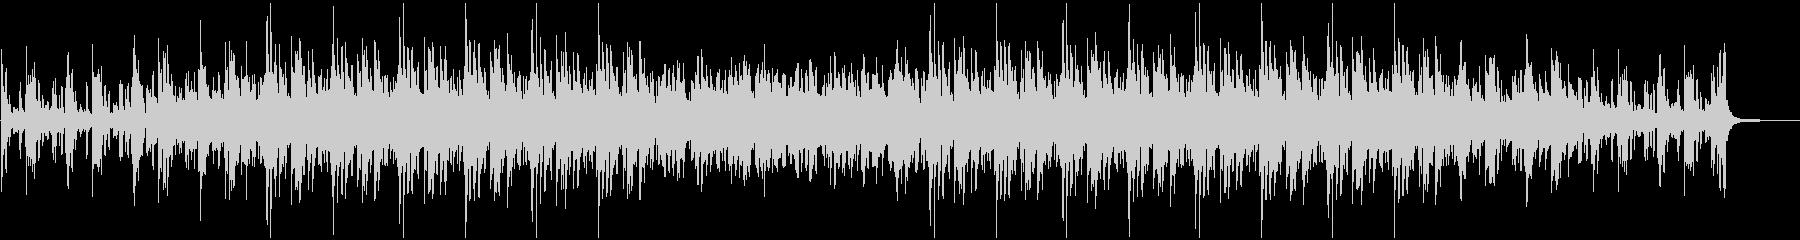 綺麗で切ないピアノメインのBGMの未再生の波形